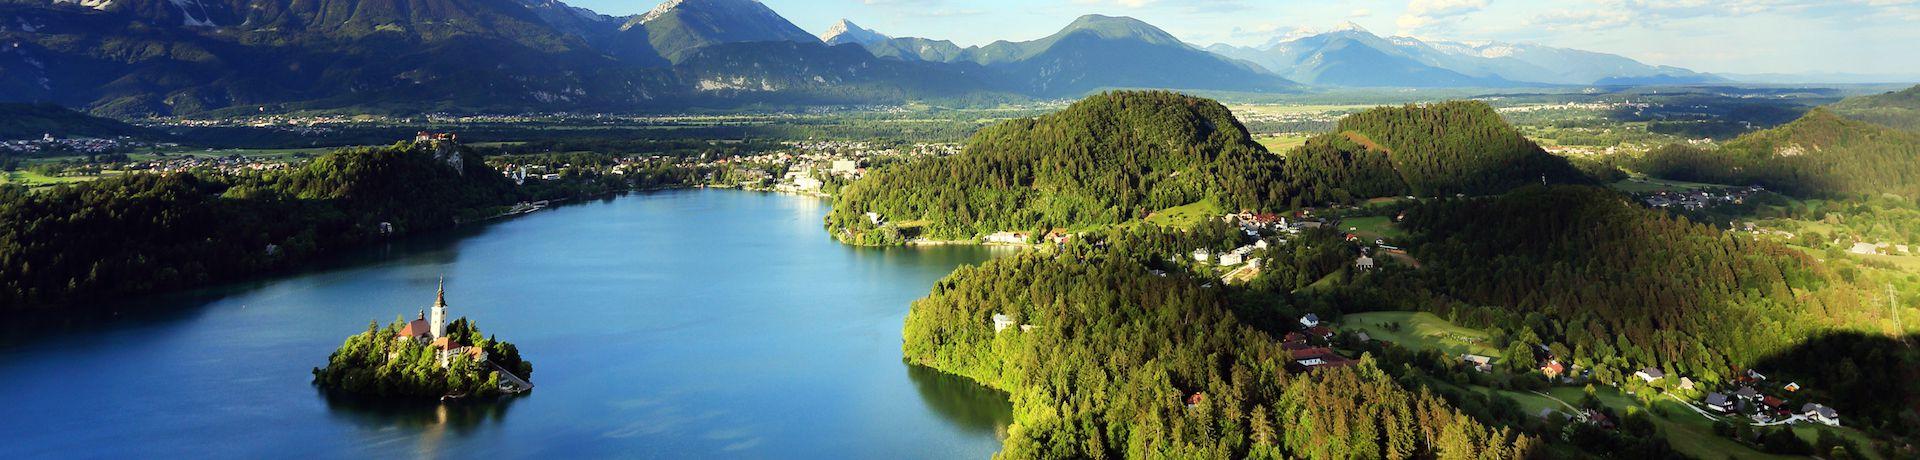 Supertrips - Garden Village Bled